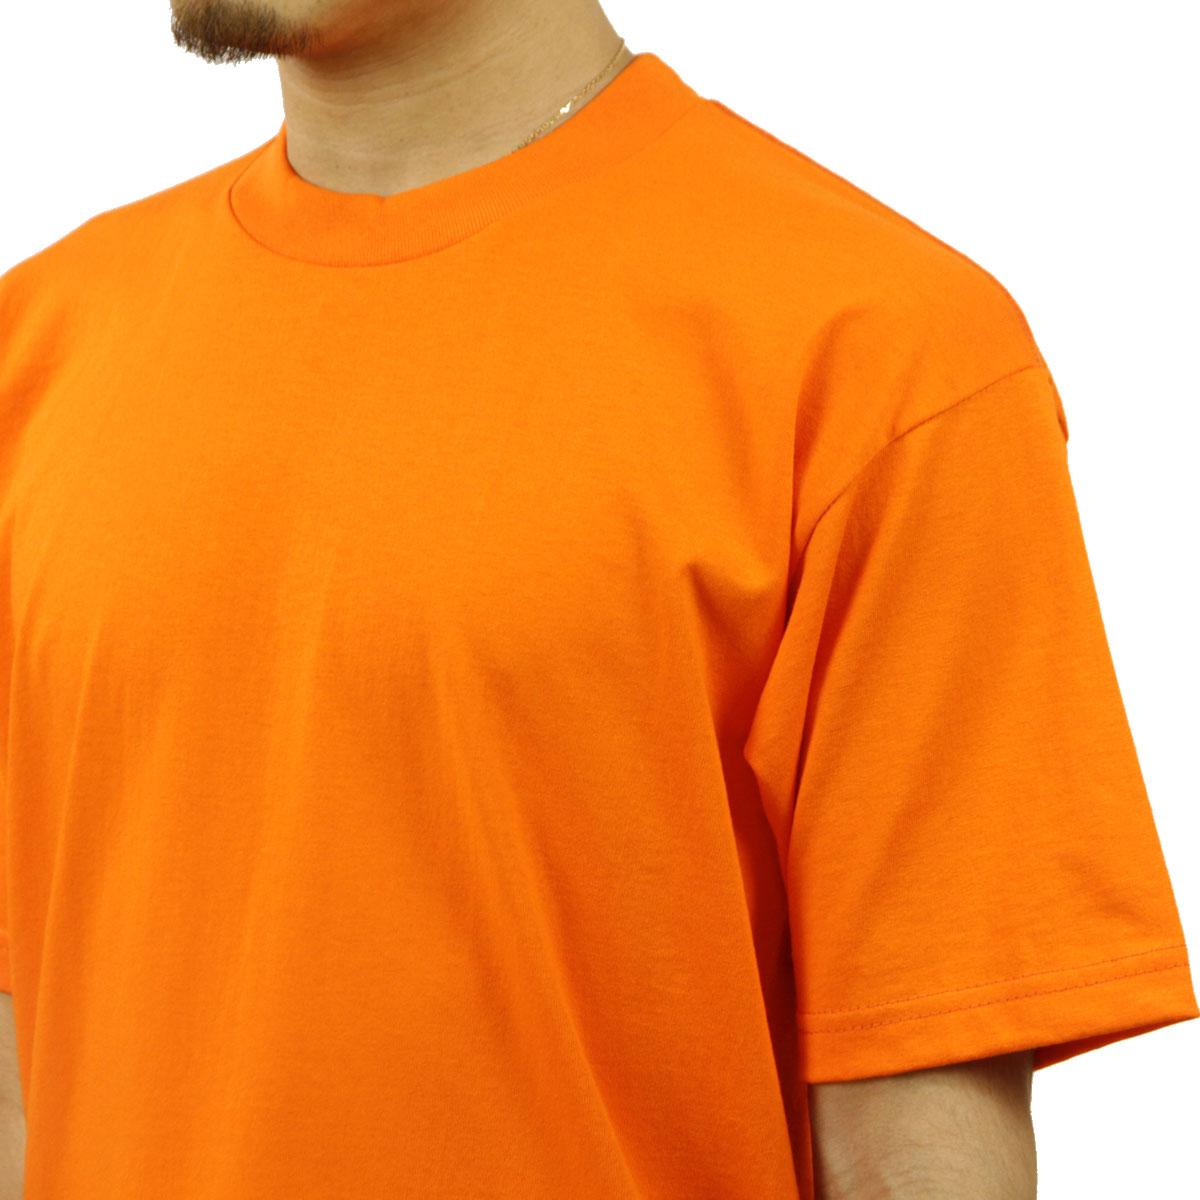 プロクラブ Tシャツ メンズ 正規販売店 PROCLUB 半袖Tシャツ クルーネックTシャツ HEAVY WEIGHT COTTON SHORT SLEEVE CREW NECK T-SHIRT ORANGE TANGERINE #101 AB6B B1C C1D D1E E10F